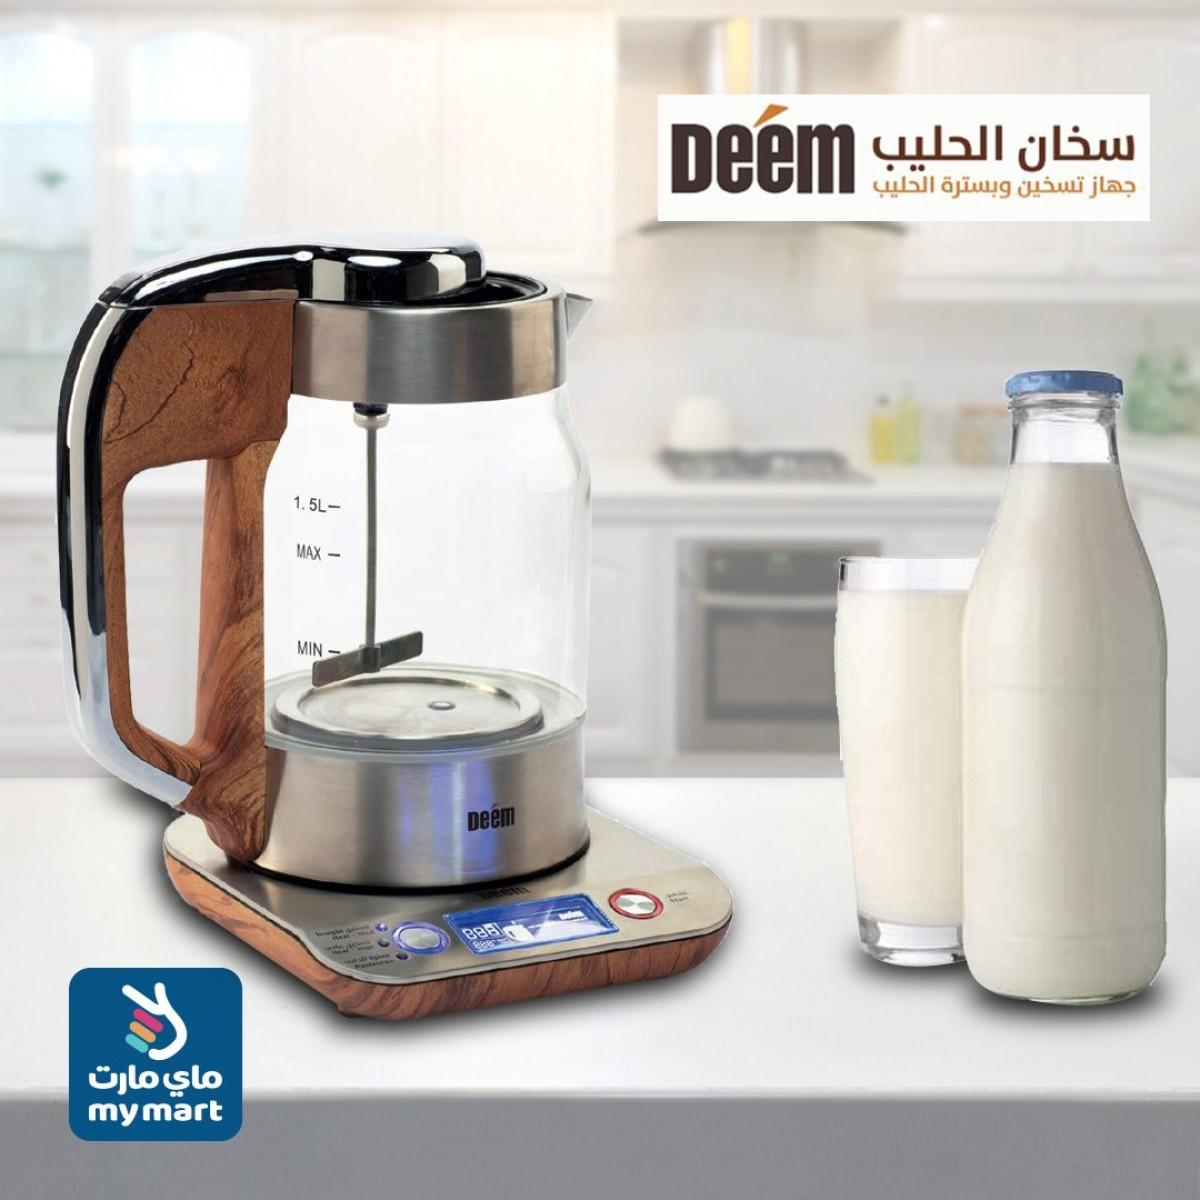 جهاز تسخين وبسترة الحليب دييم،  1.5 لتر AD-15MB01